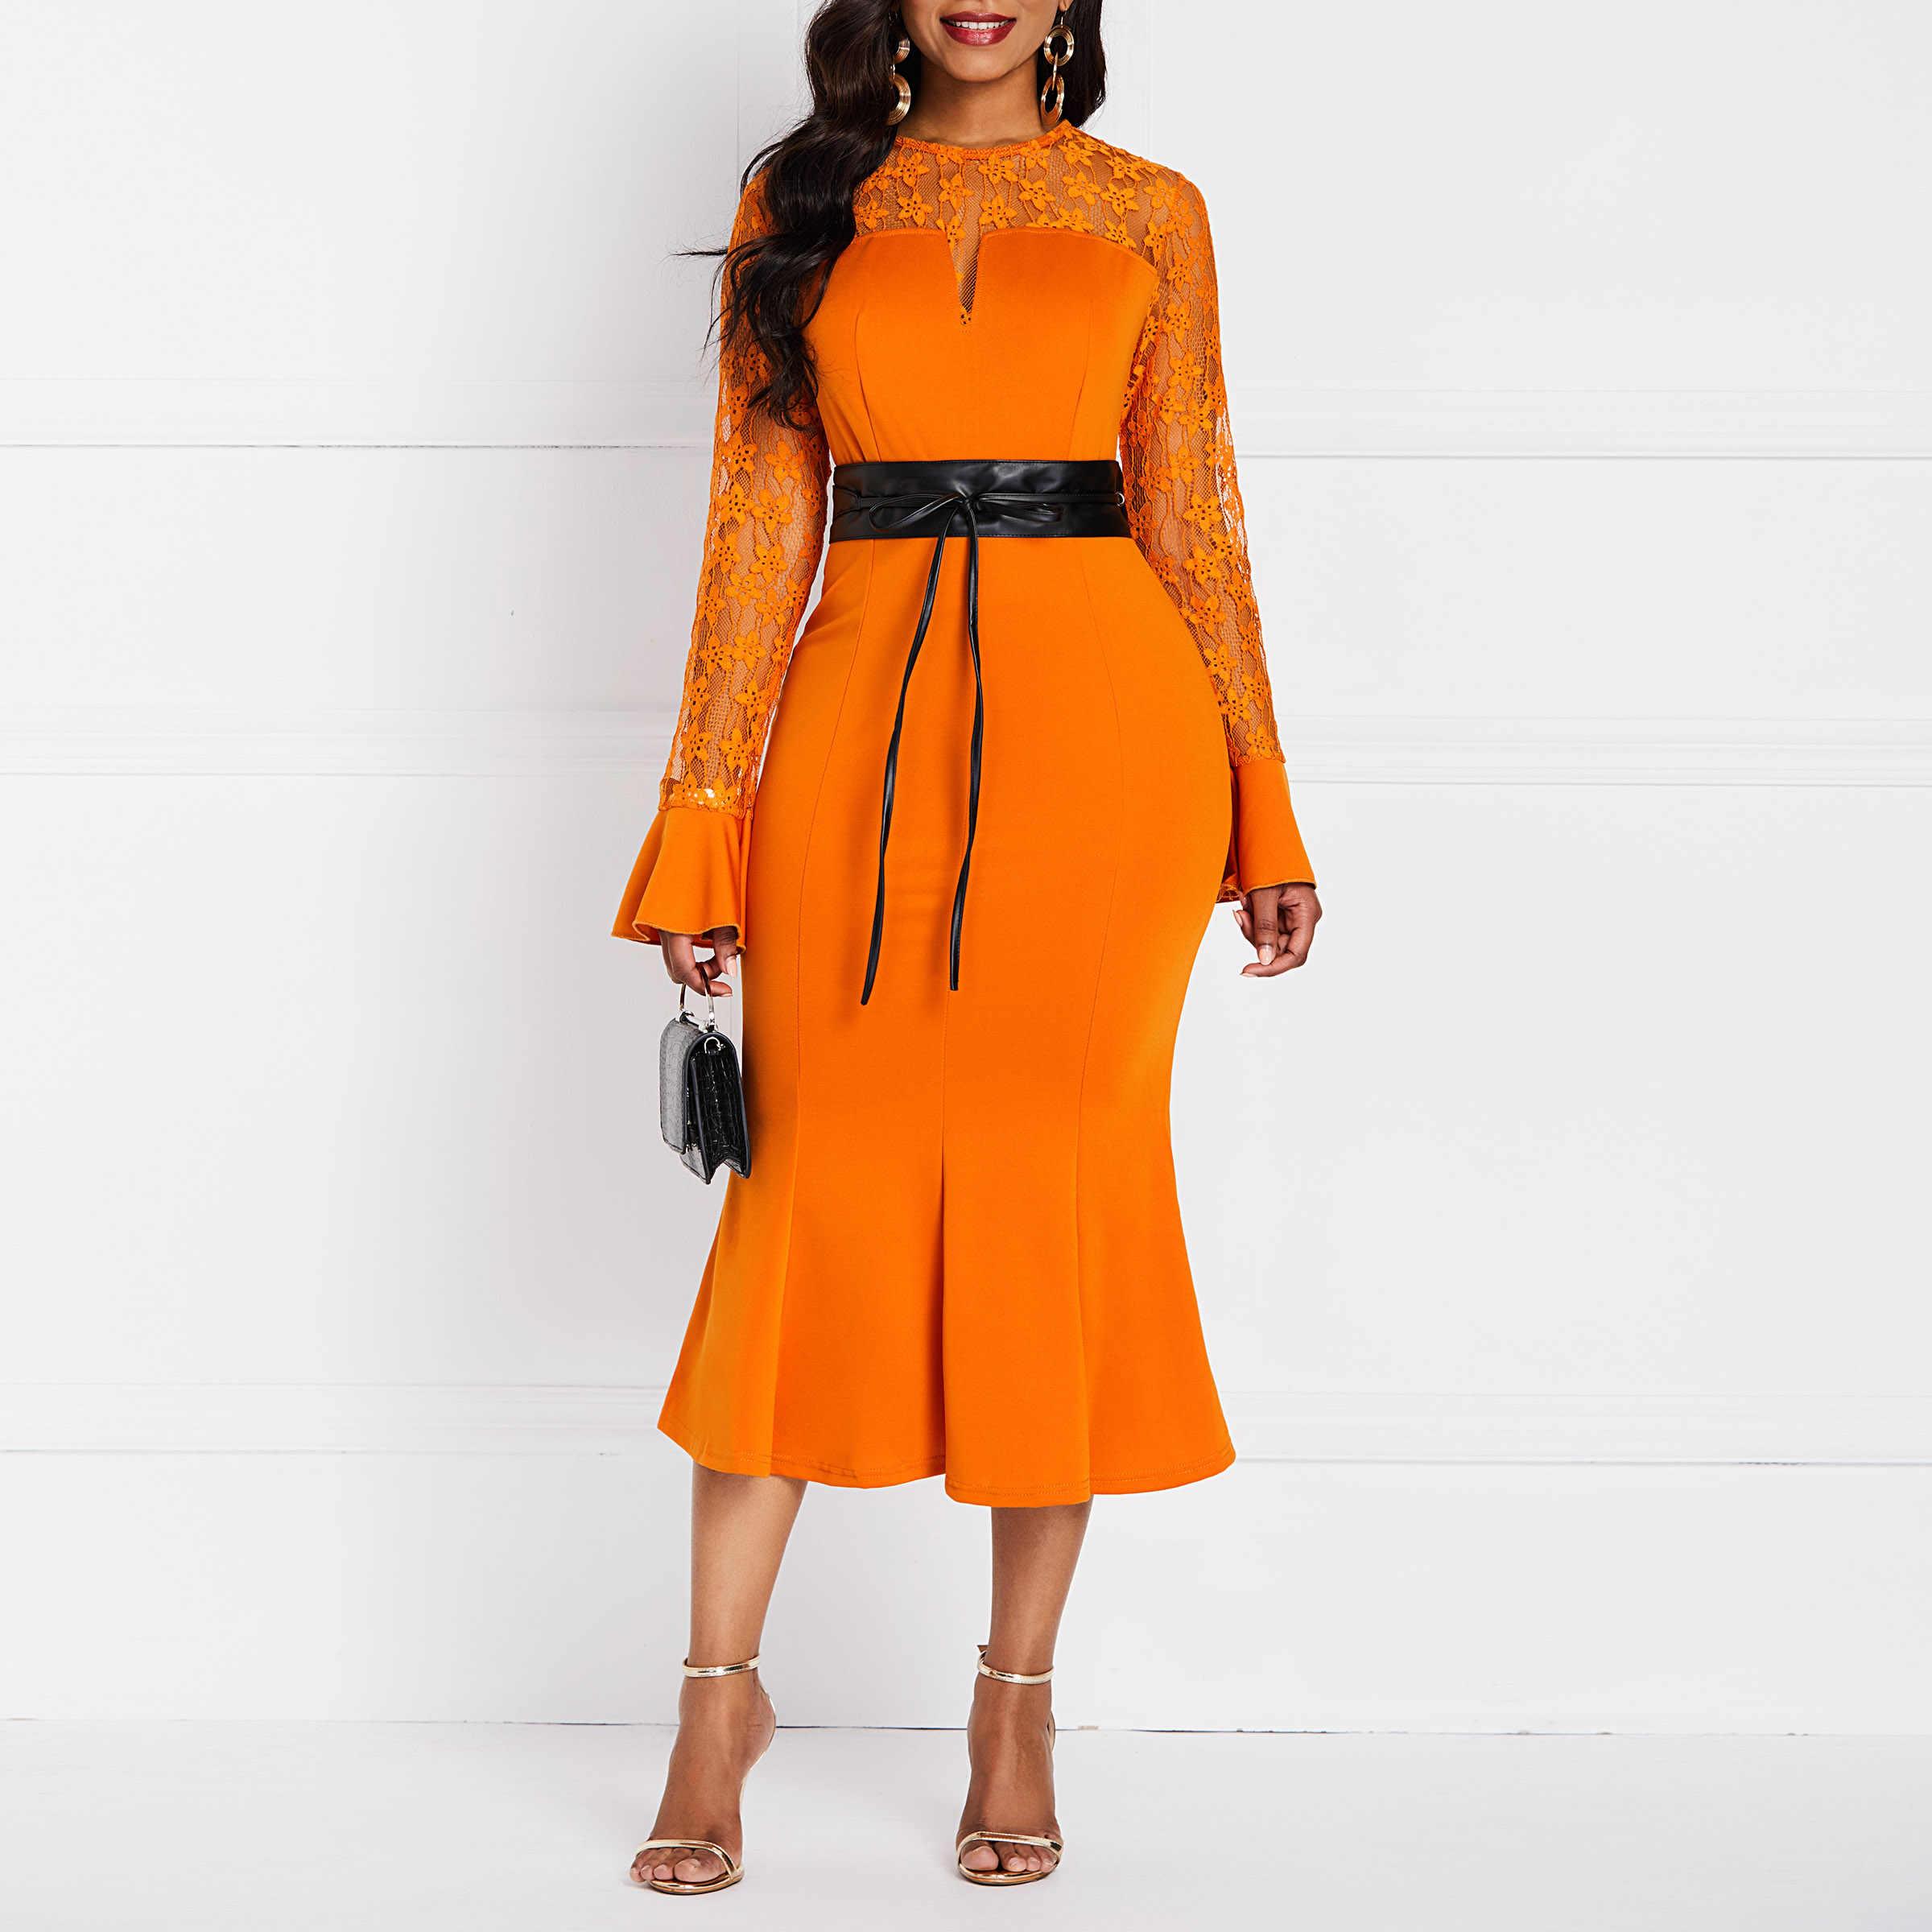 """Для женщин Bodycon платье элегантные офисные пикантные полусандалии """"Русалка"""" Винтаж тонкий оранжевый модная летняя с высокой талией женские Повседневная обувь миди платье"""